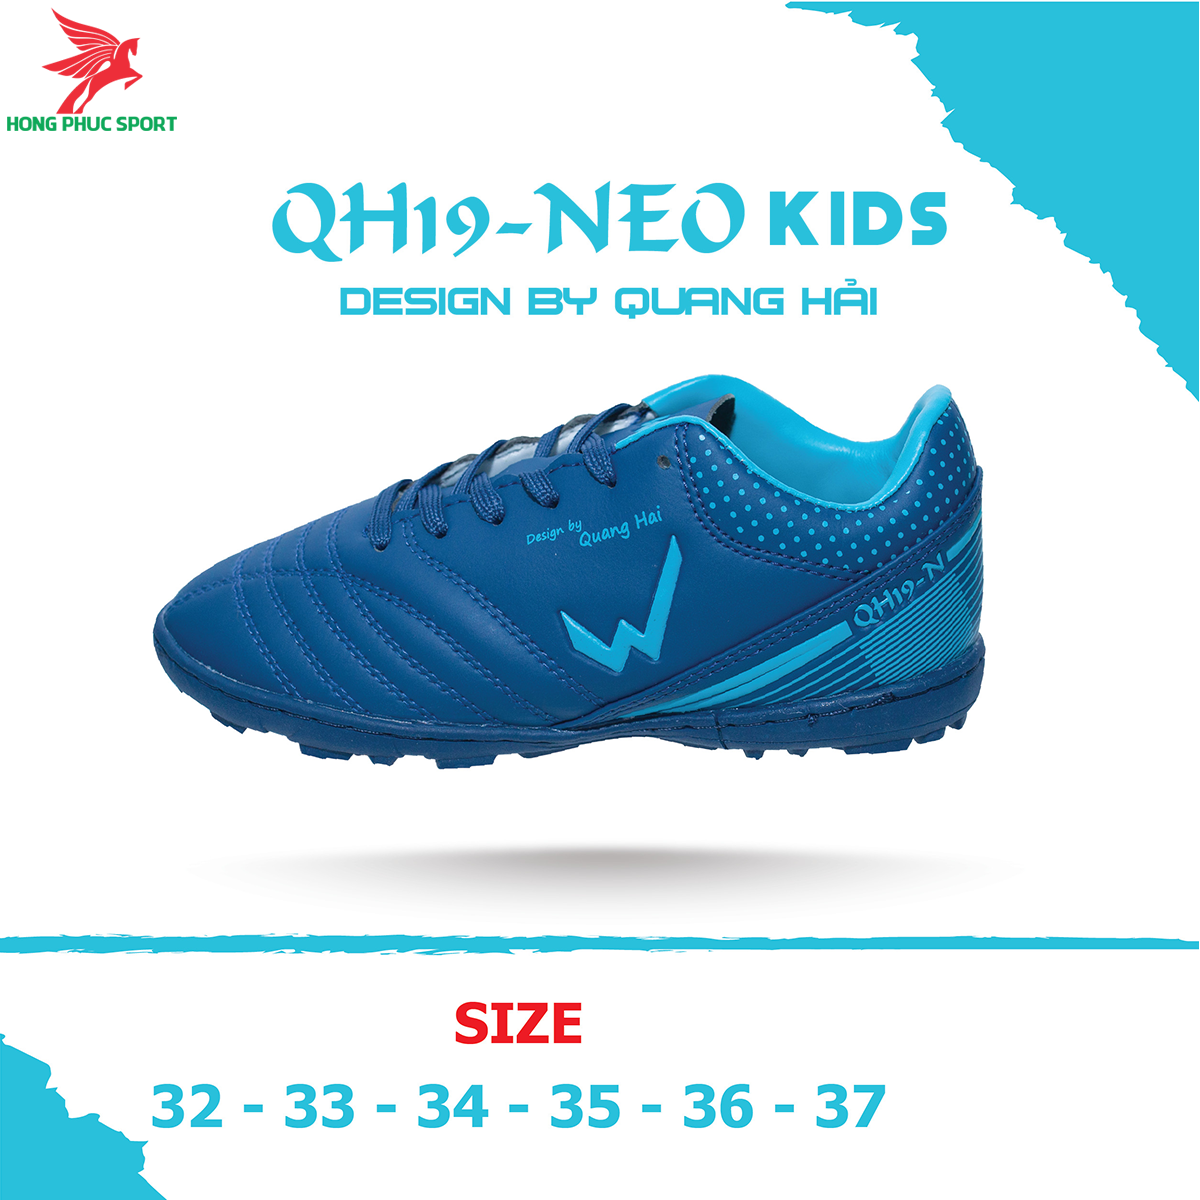 Giày đá banh Wika QH19 Neo Kids sân cỏ nhân tạo màu Tím than (2)